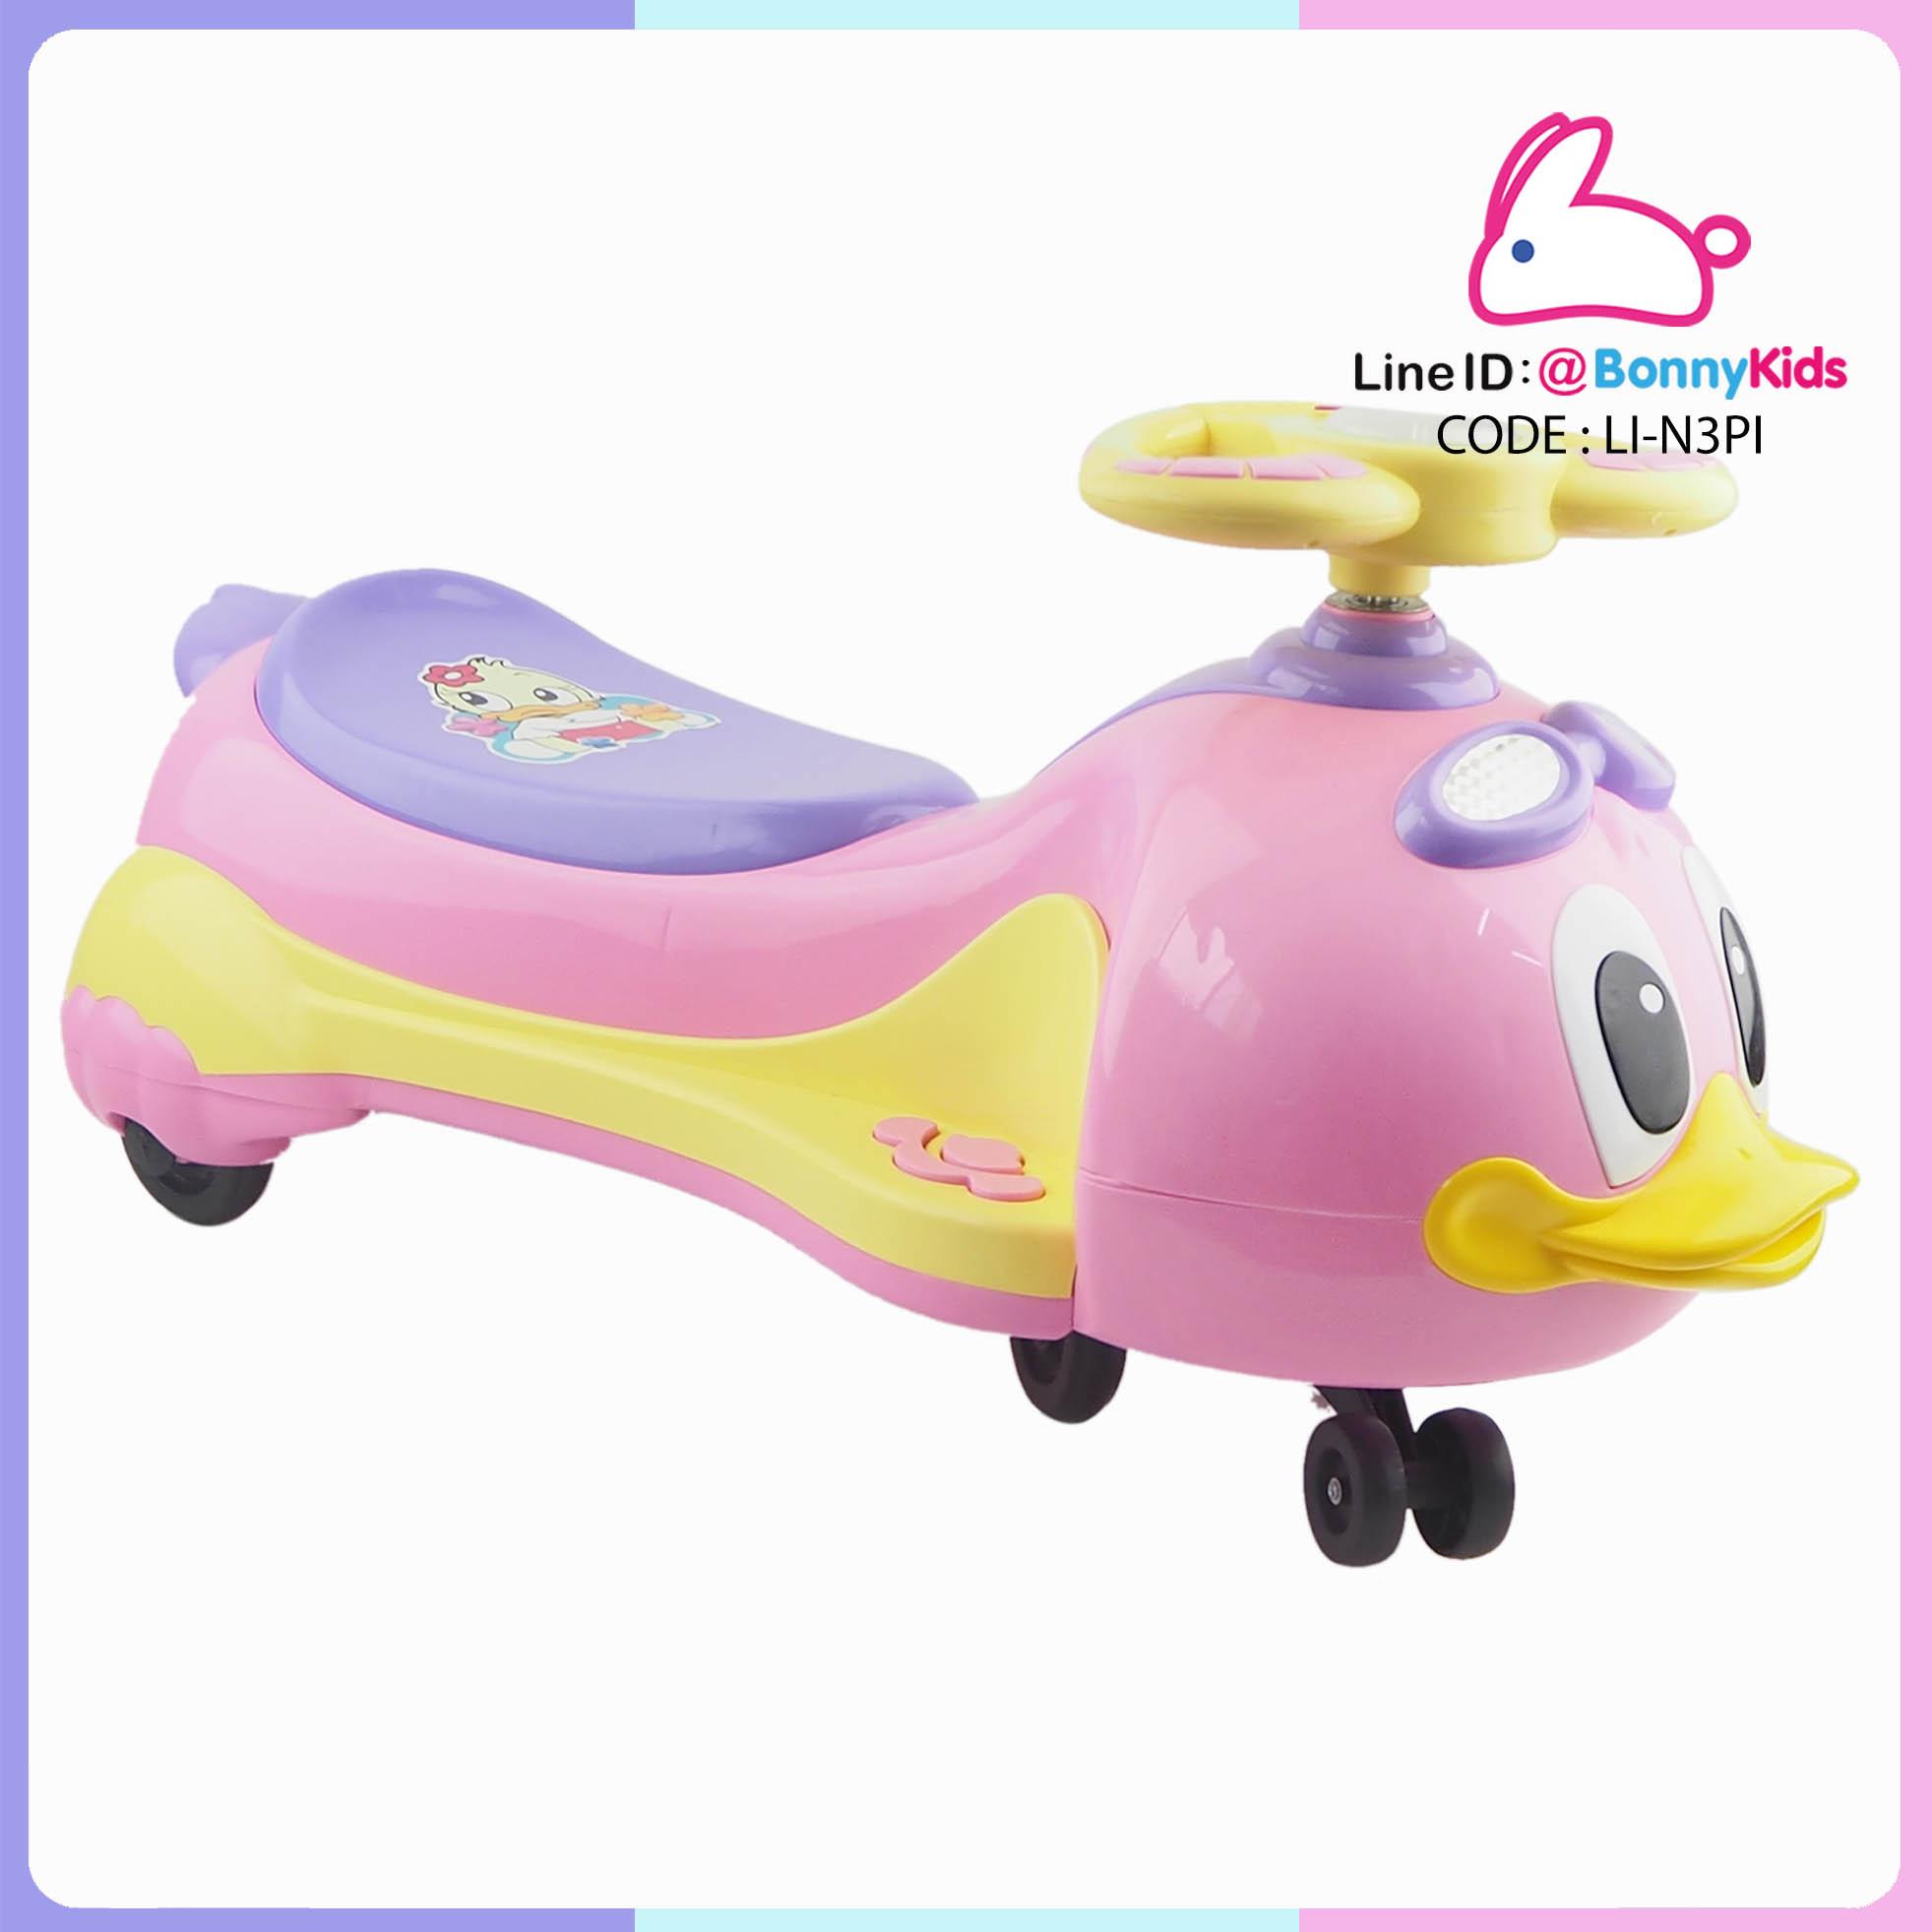 รถดุ๊กดิ๊ก เป็ดน้อย สีชมพู